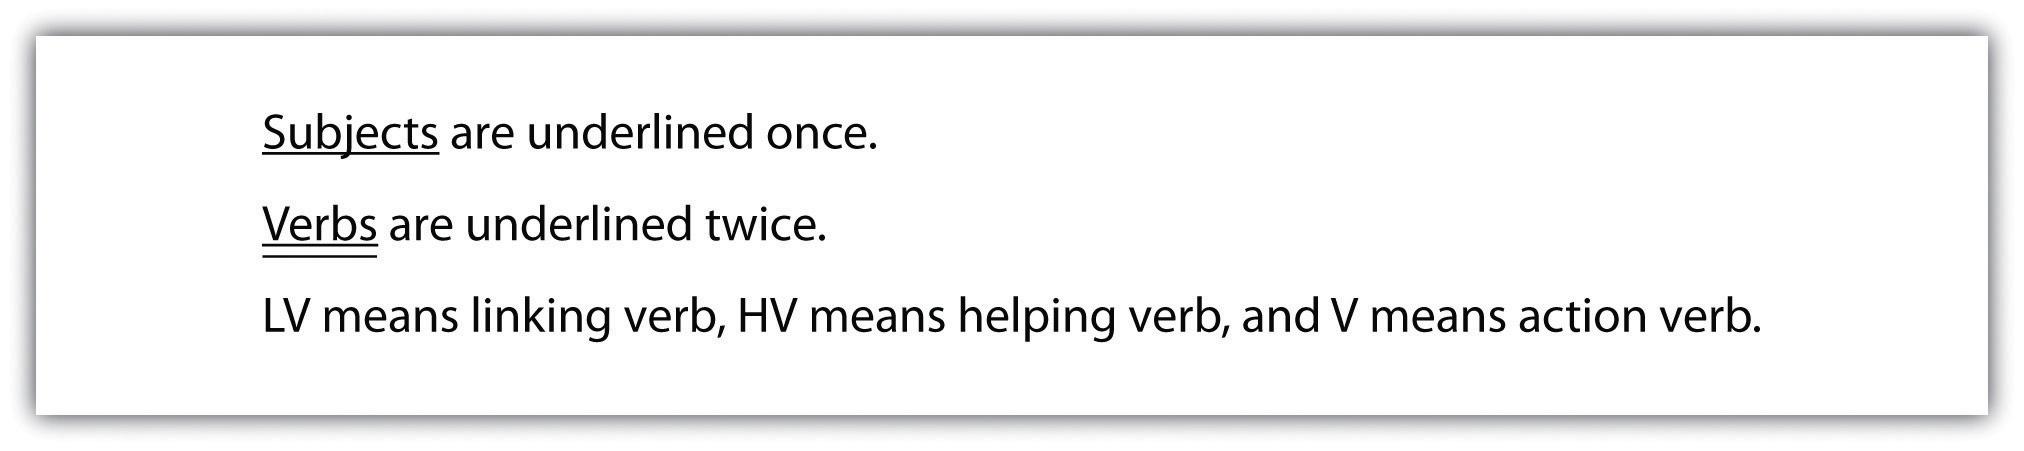 sentence writing tip